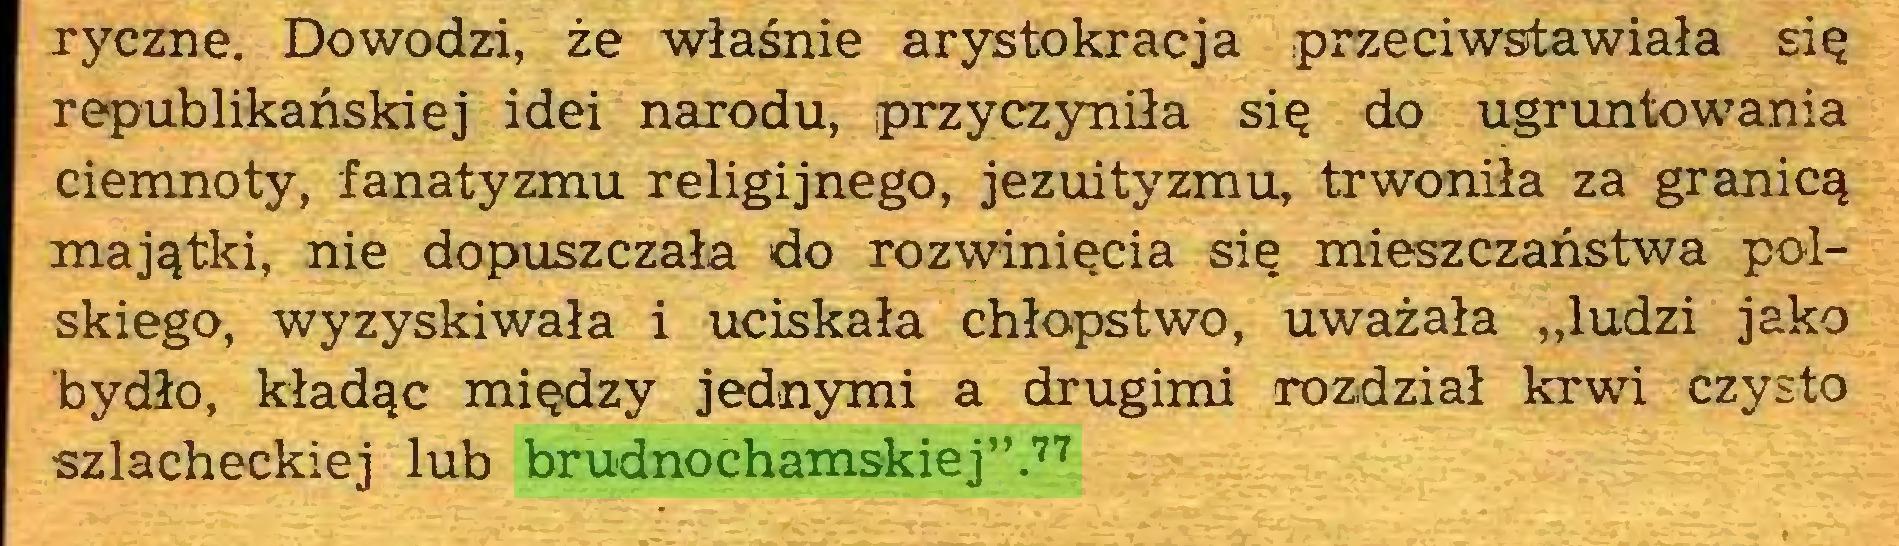 """(...) ryczne. Dowodzi, że właśnie arystokracja przeciwstawiała się republikańskiej idei narodu, przyczyniła się do ugruntowania ciemnoty, fanatyzmu religijnego, jezuityzmu, trwoniła za granicą majątki, nie dopuszczała do rozwinięcia się mieszczaństwa polskiego, wyzyskiwała i uciskała chłopstwo, uważała """"ludzi jako bydło, kładąc między jednymi a drugimi rozdział krwi czysto szlacheckiej lub brudnochamskiej"""".77..."""